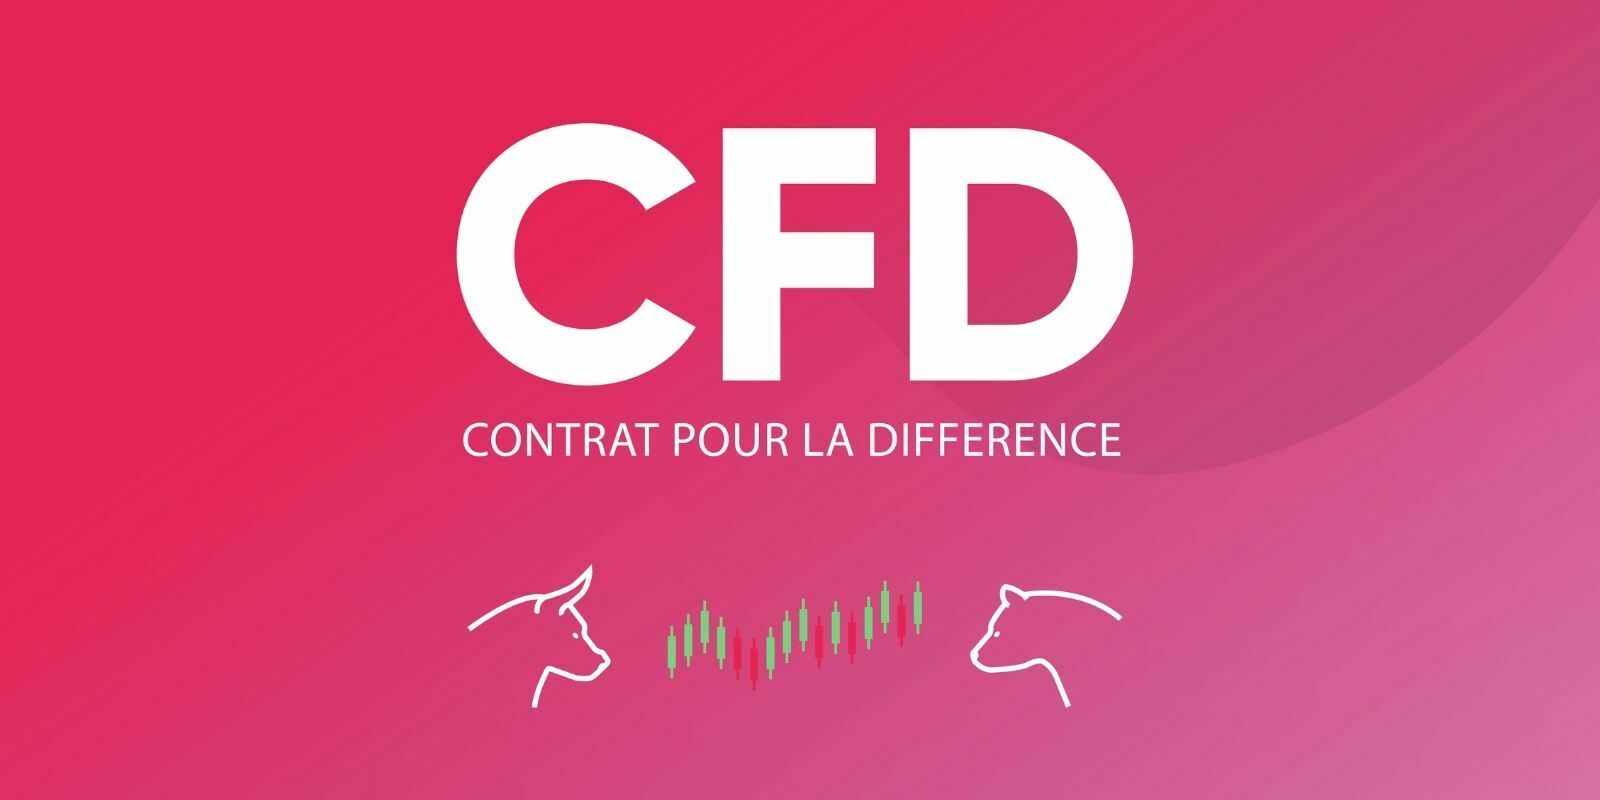 Qu'est-ce qu'un contrat pour la différence (CFD) sur cryptomonnaies ?